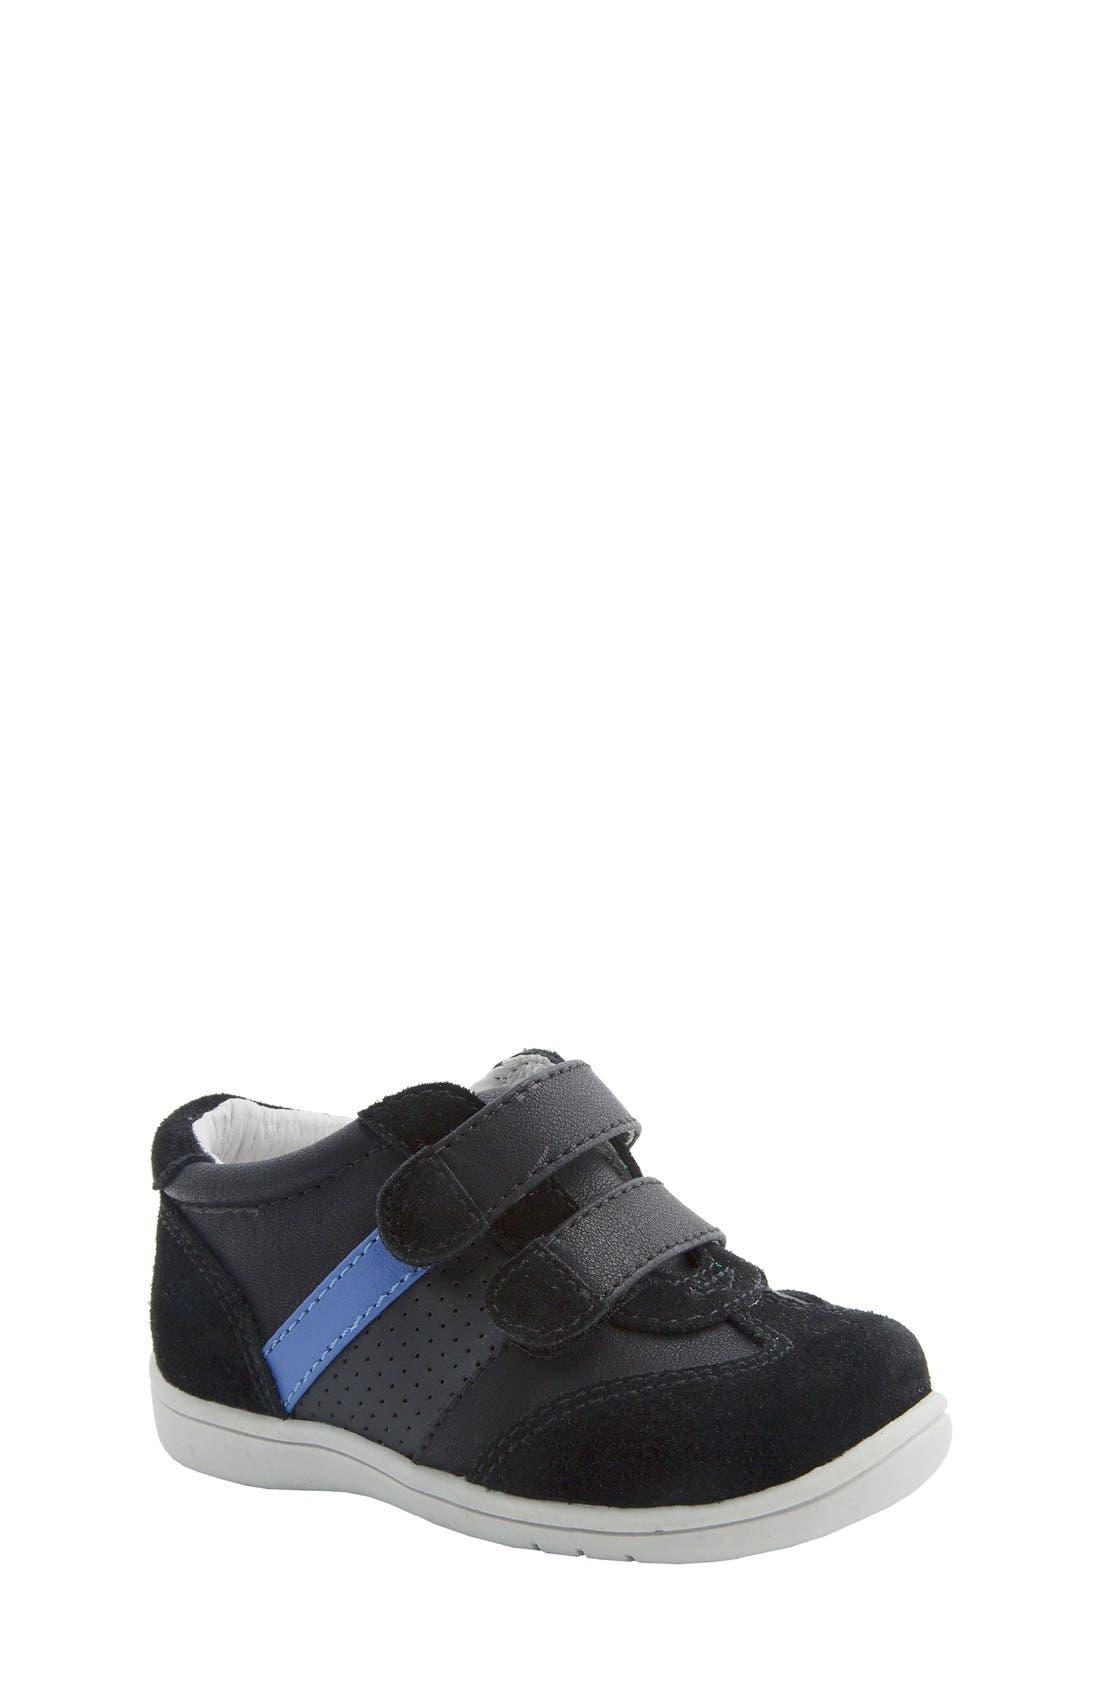 Nina 'Everest' Sneaker (Baby & Walker)